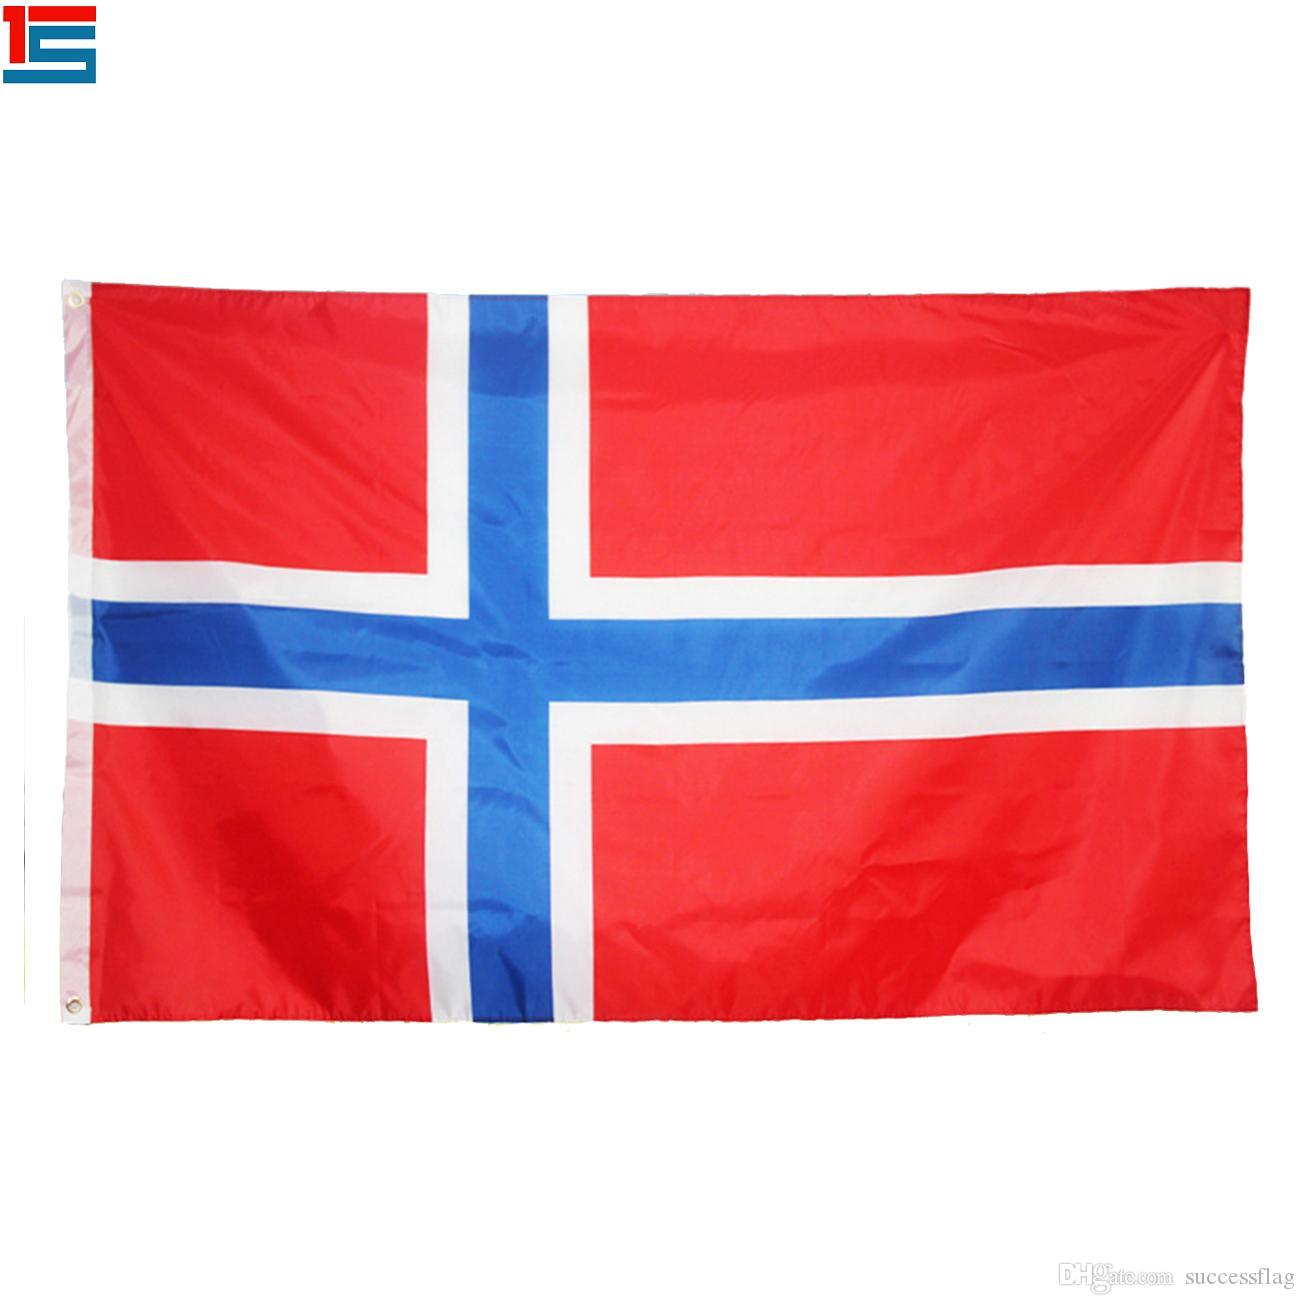 a8a54f26cf Compre Impressão Digital Bandeira Da Noruega Bandeira Nacional Da Bandeira  De País Do Poliéster De 90 X De 150 Cm Com Dois Ilhós De Successflag, ...